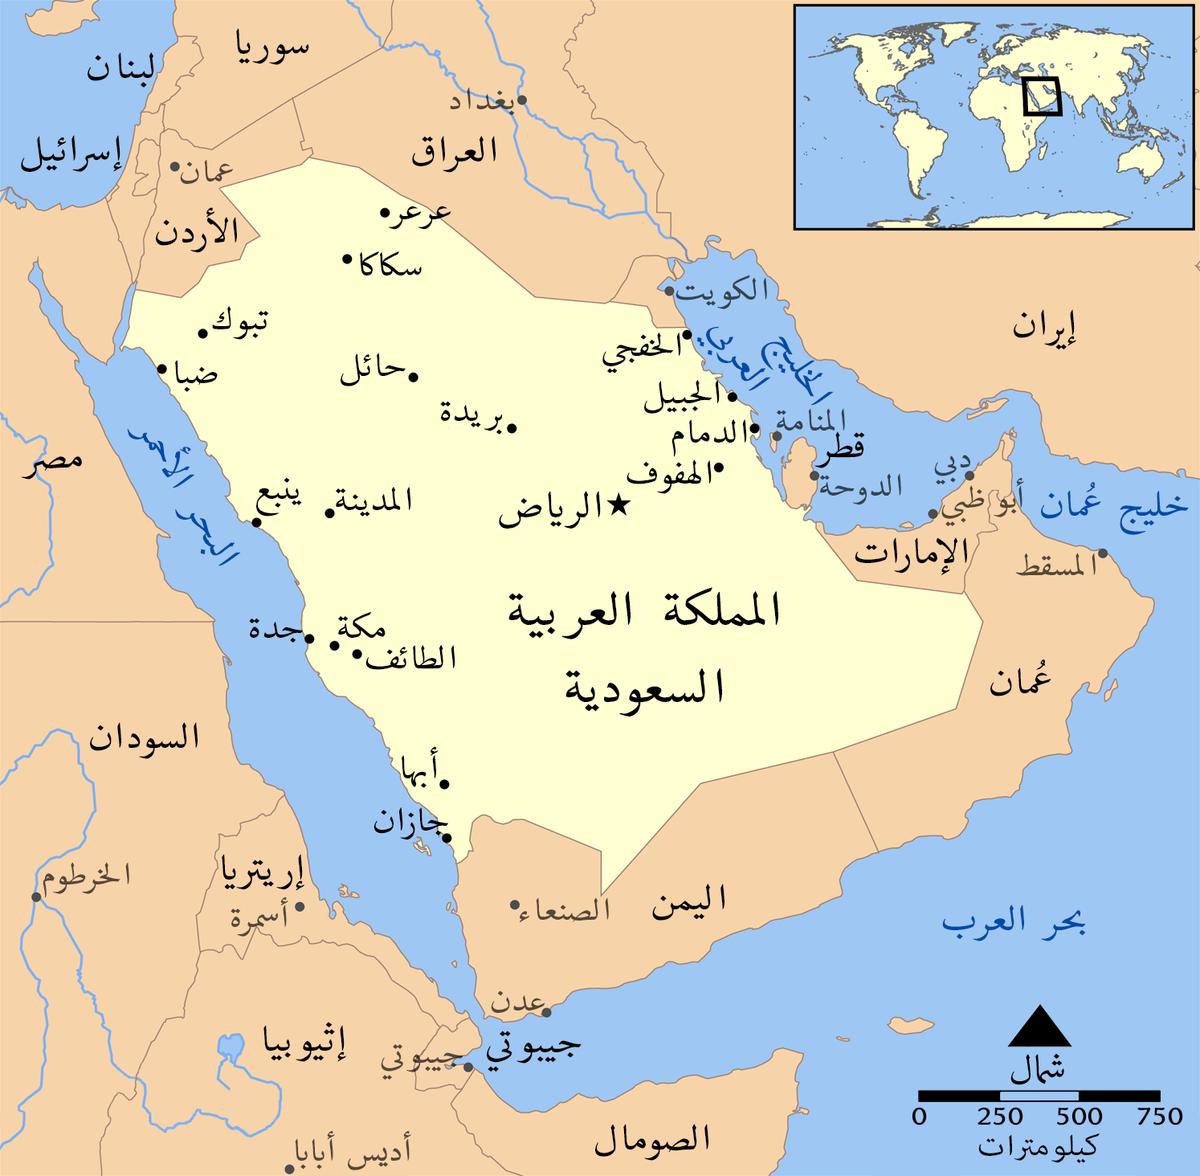 كتاب قبائل الطائف واشراف الحجاز pdf